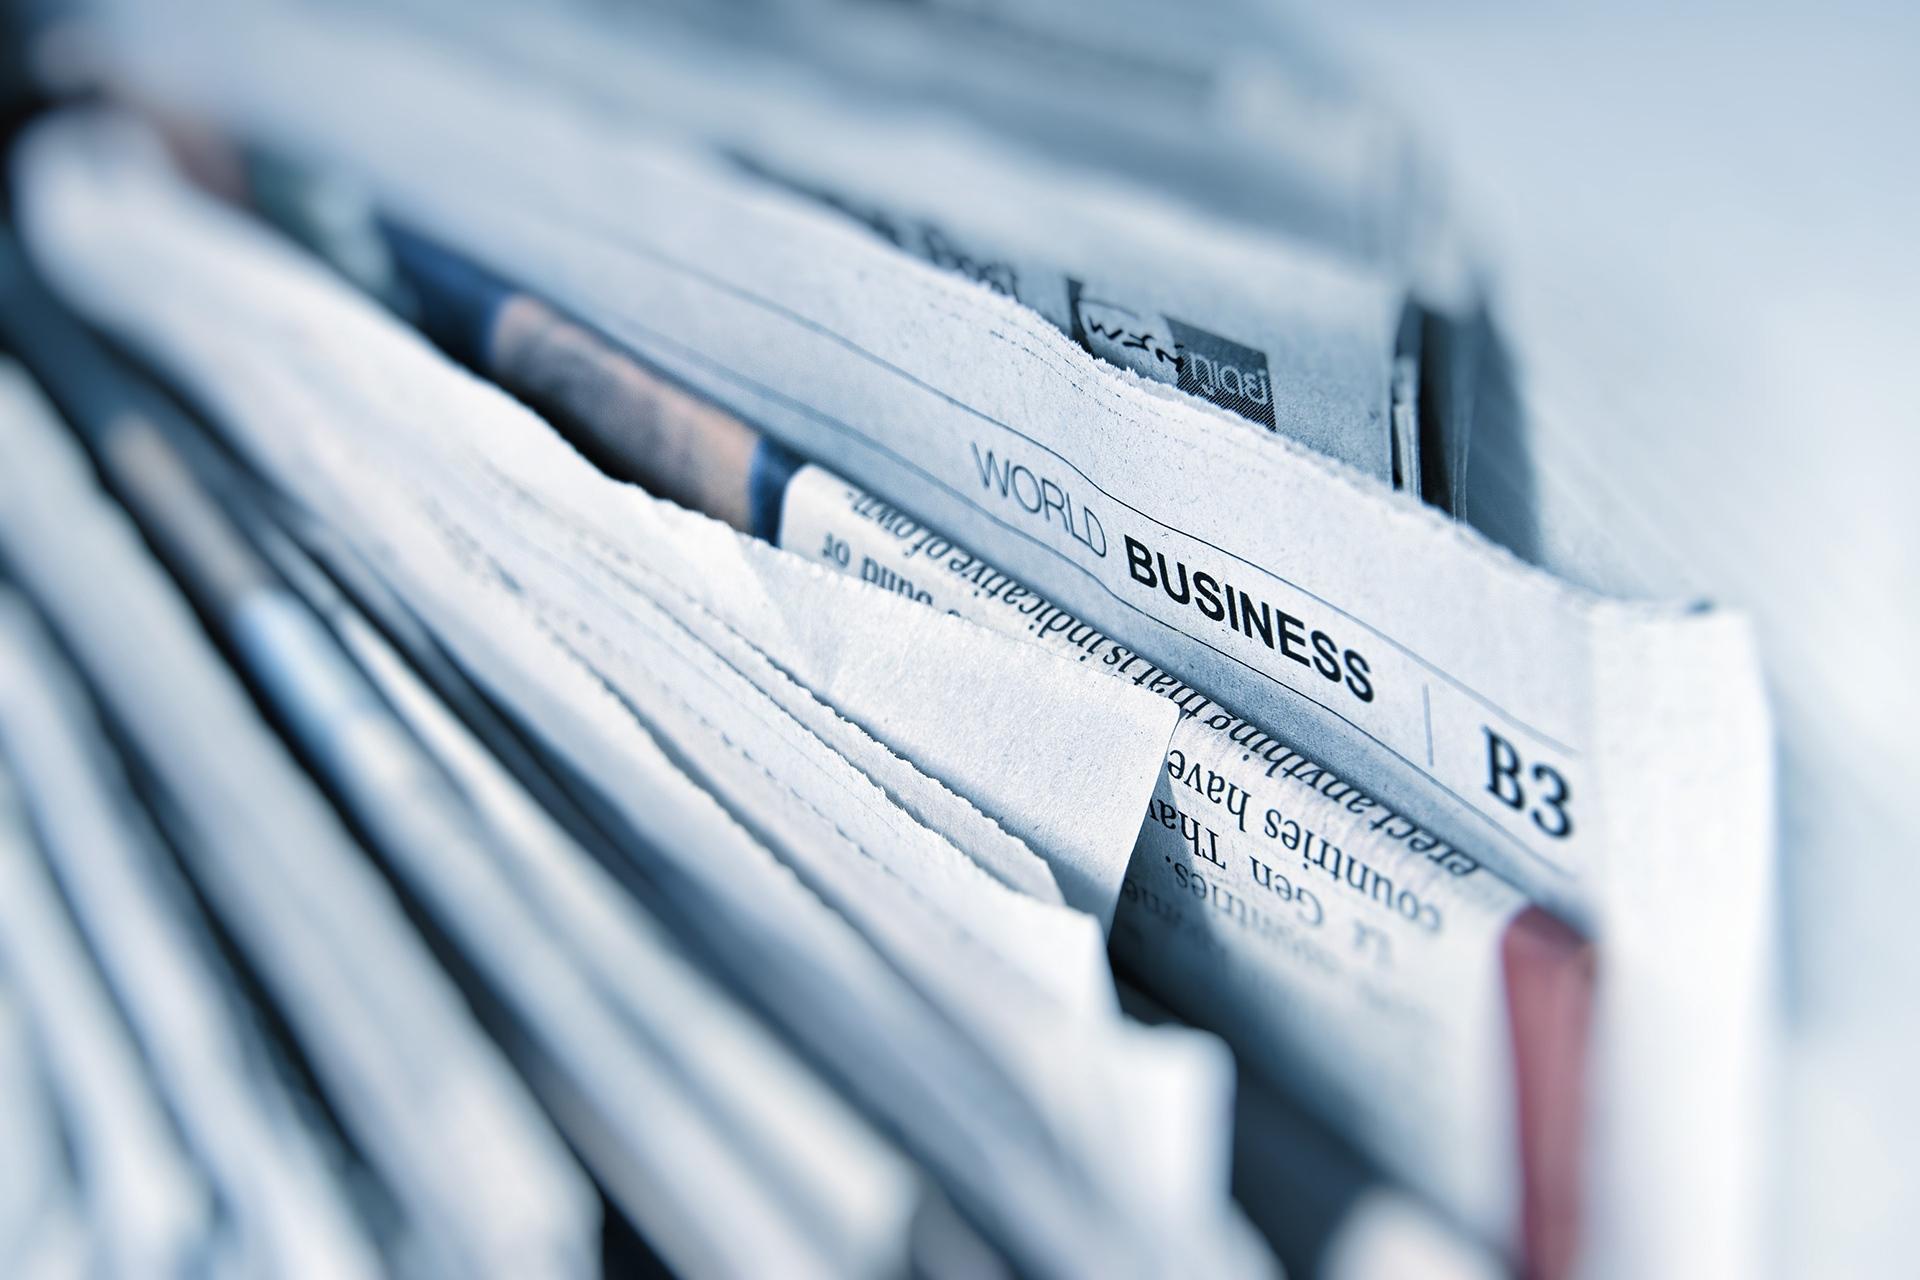 Trust in Establishment Media Makes a Comeback